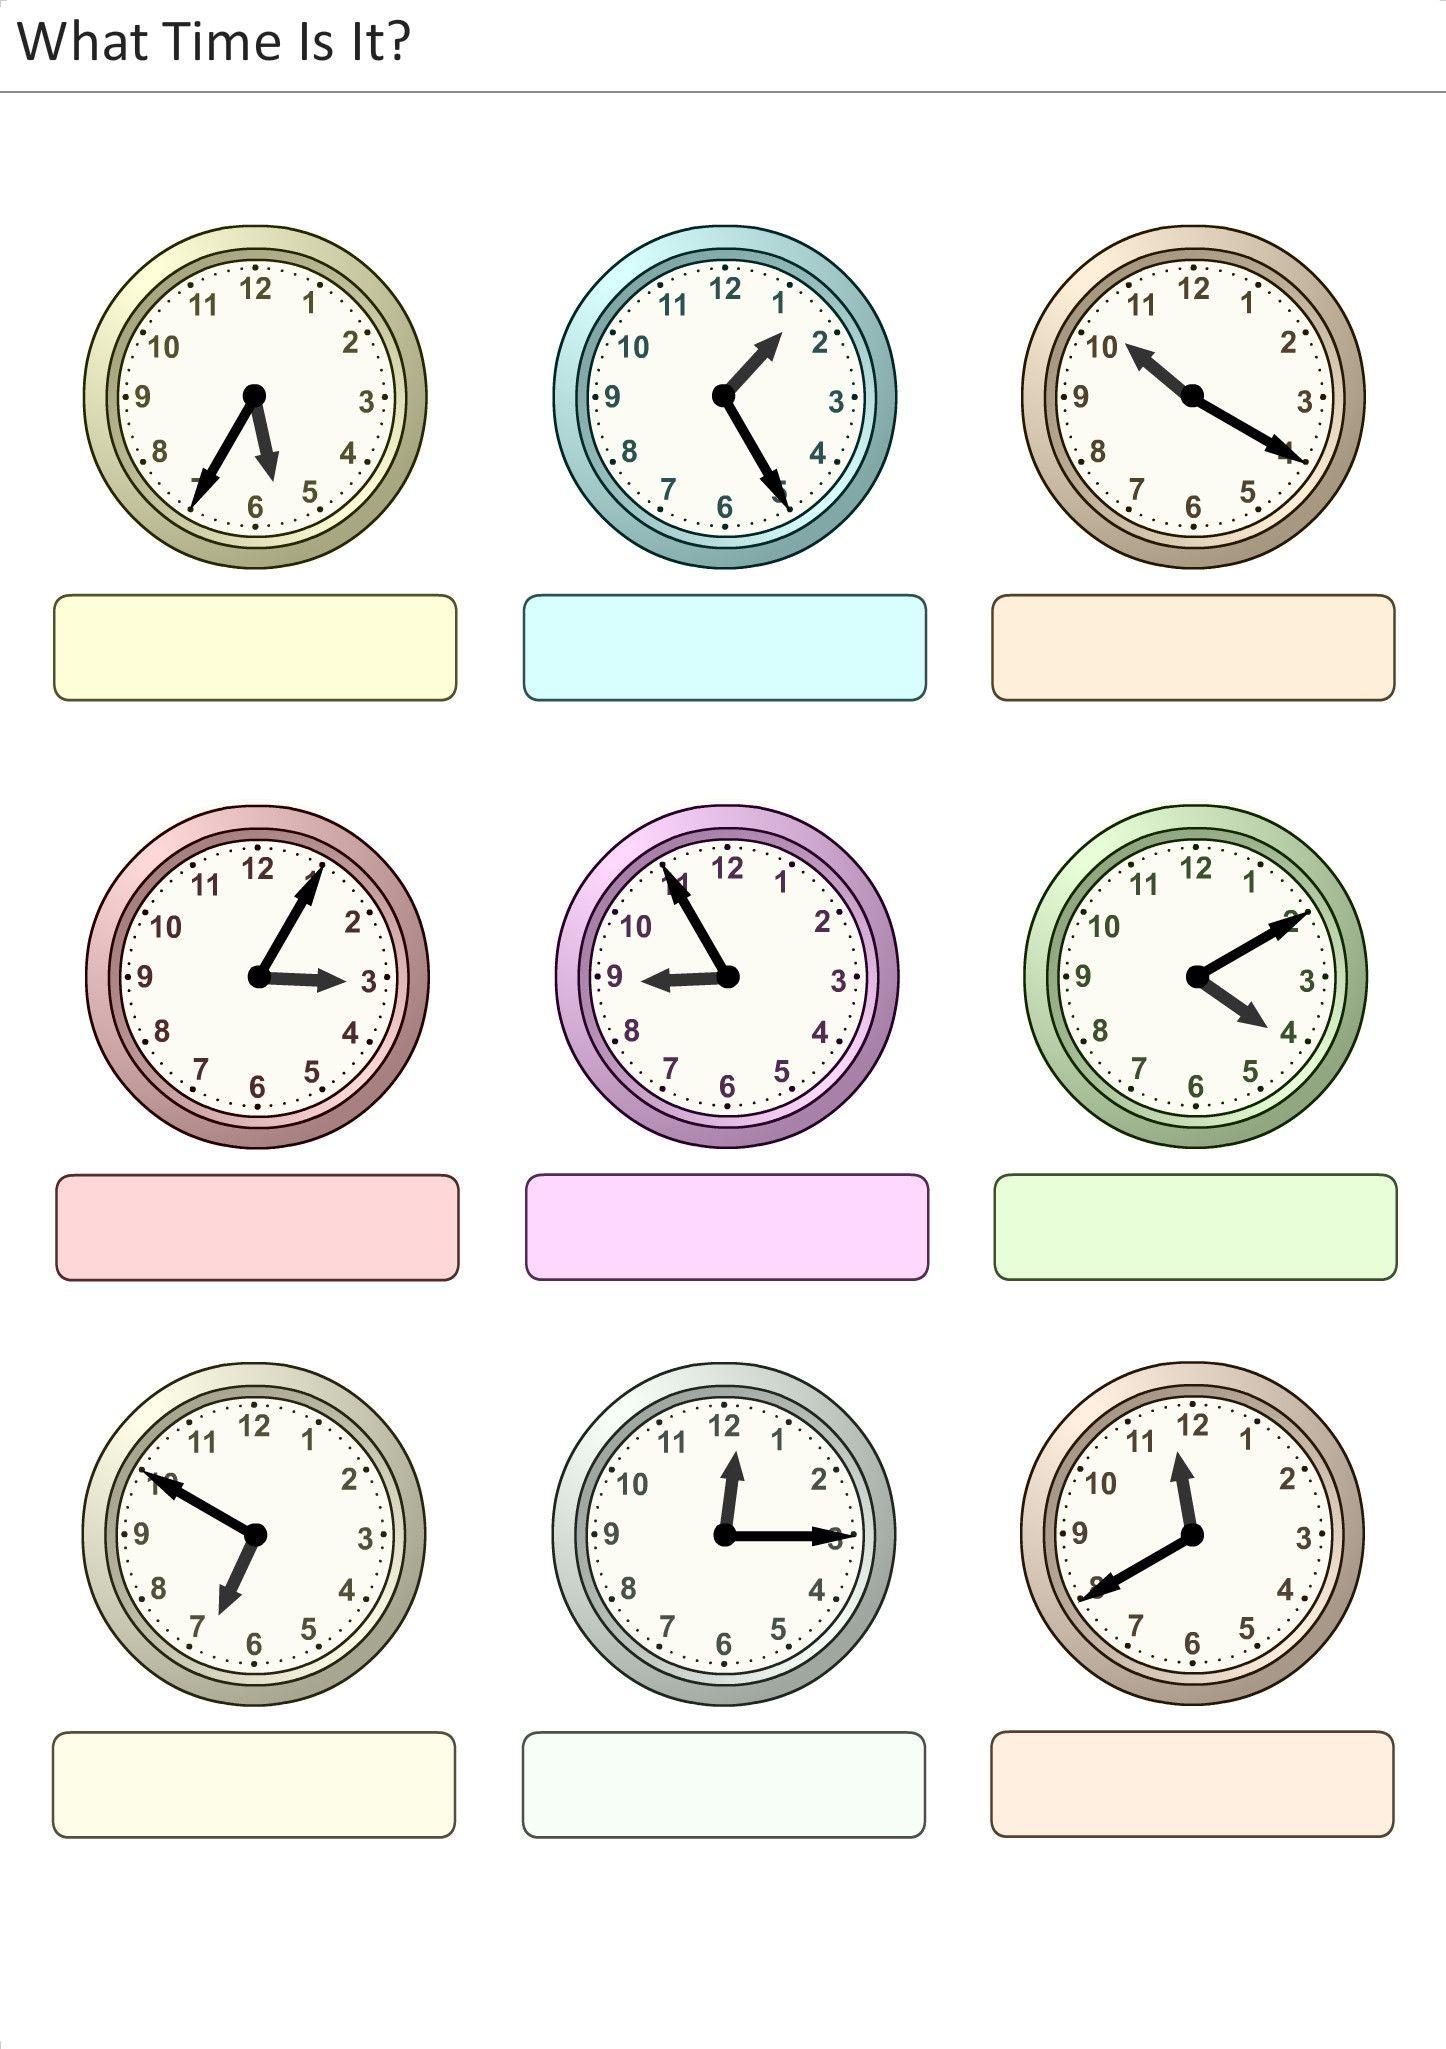 Actividades Para Ninos Preescolar Primaria E Inicial Plantillas Con Relojesogicos Para